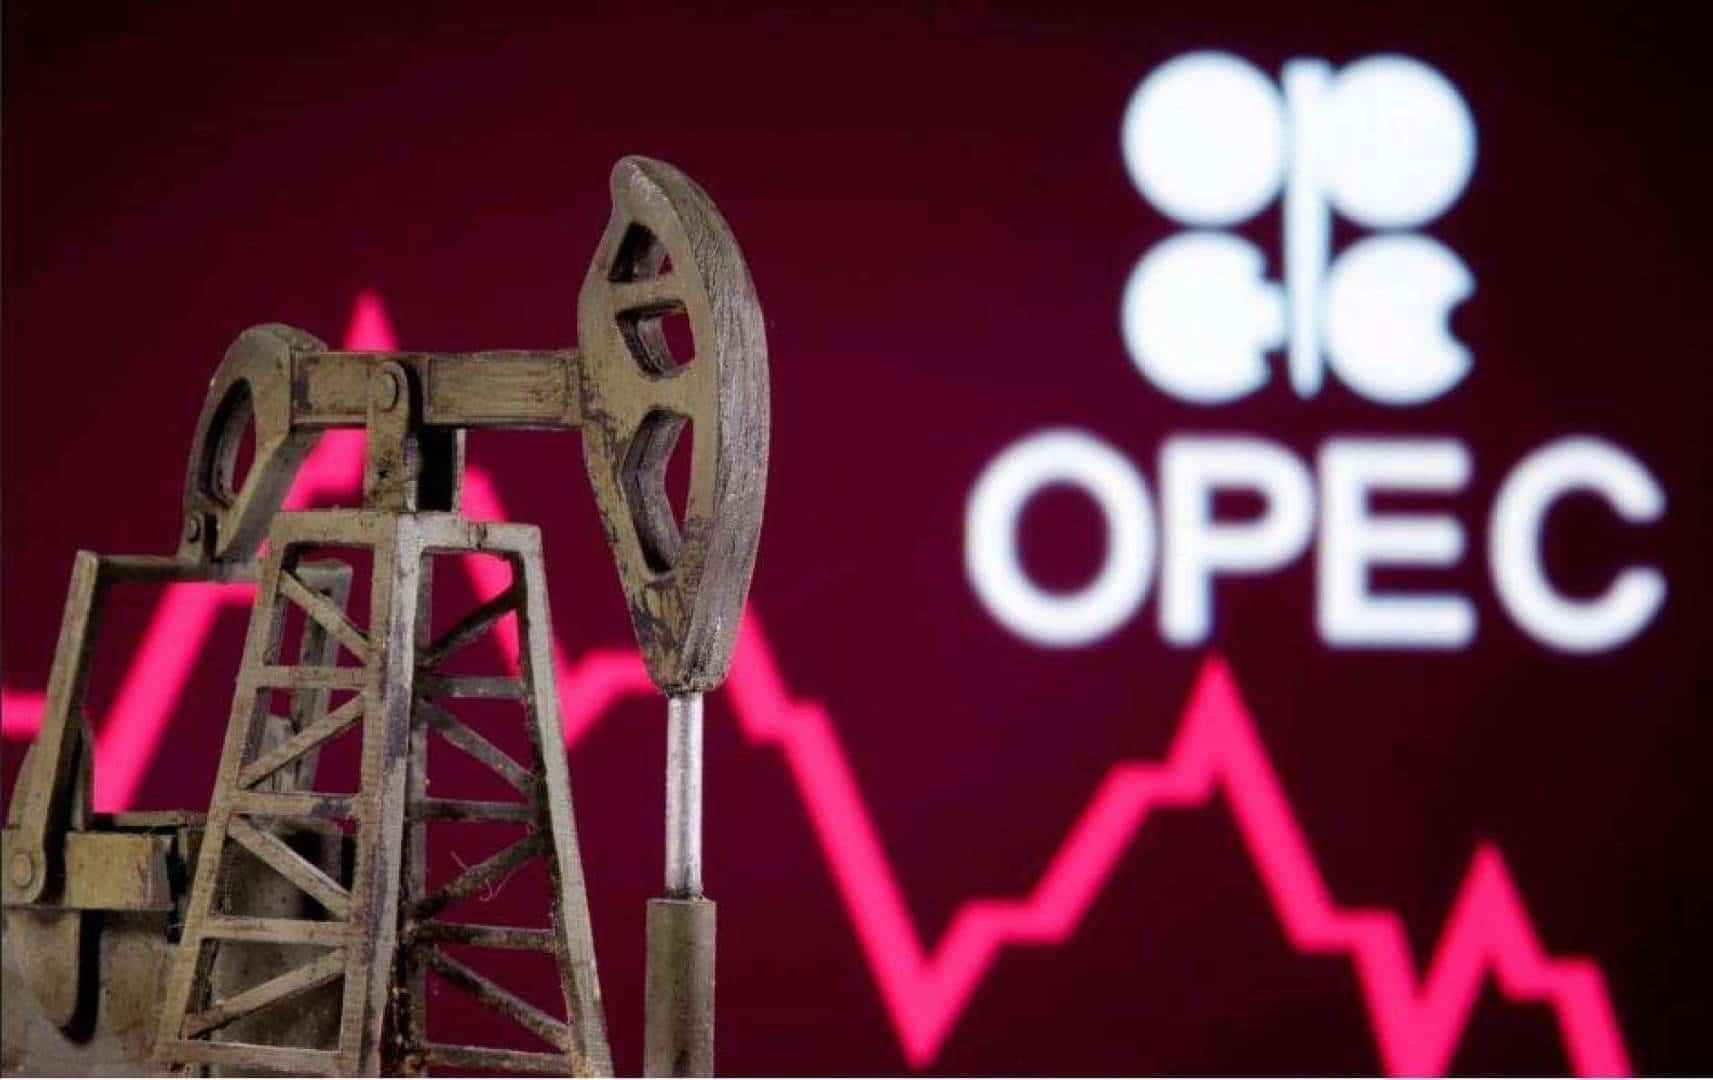 أسعار النفط تصل لأعلى مستوياتها بسبب الخلاف بين السعودية والإمارات